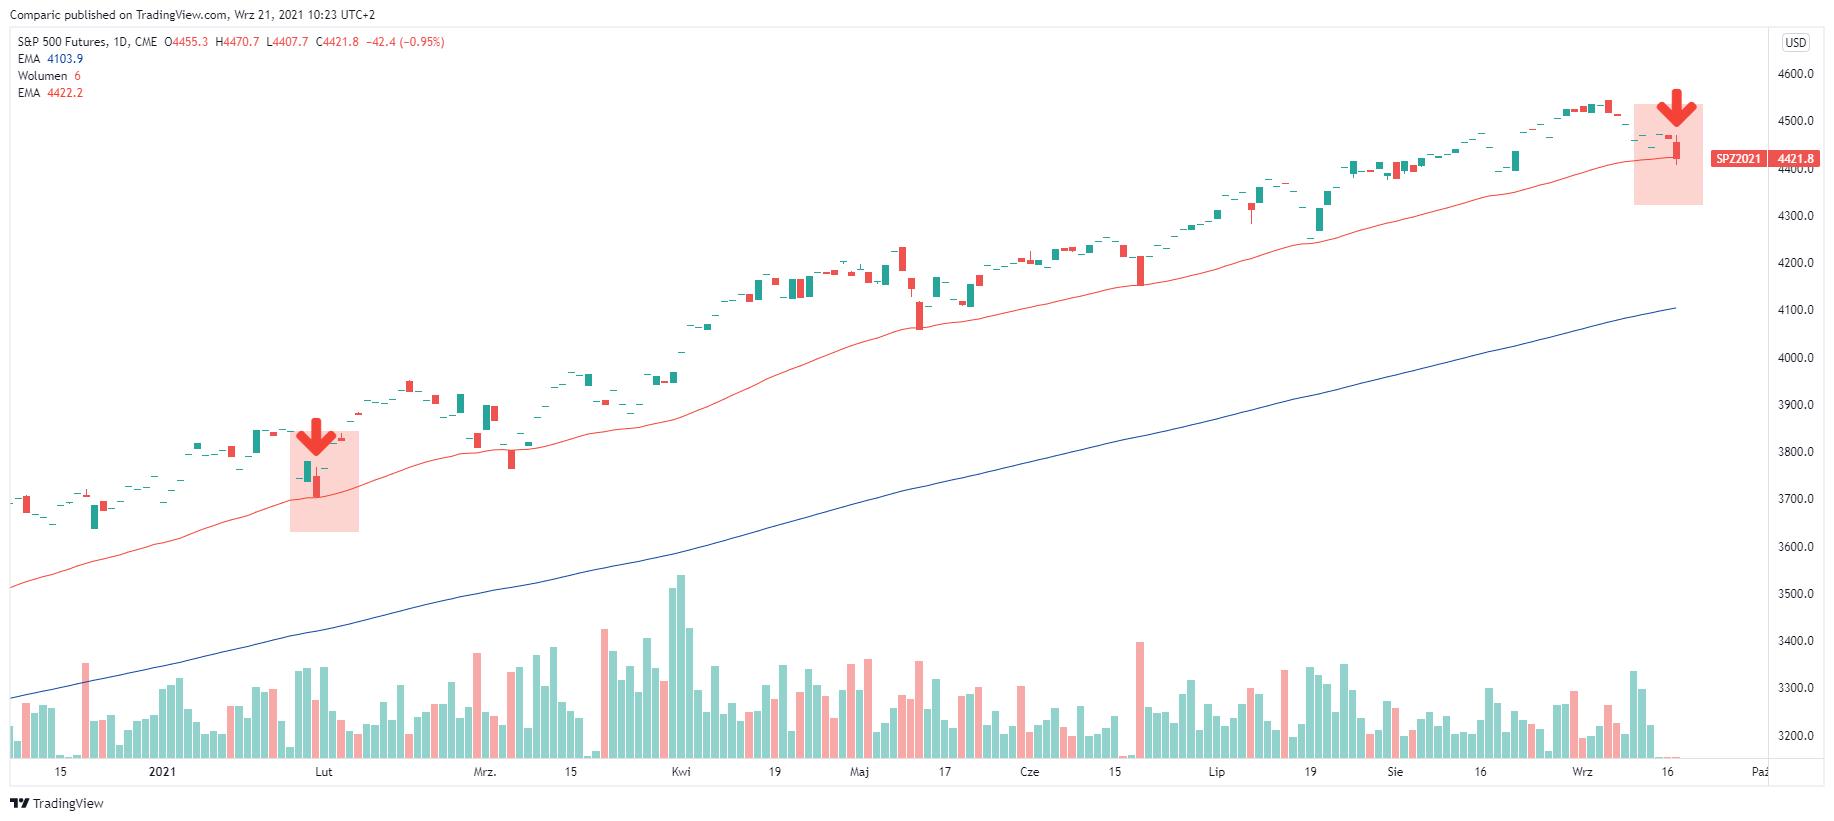 Bitcoin spadnie razem z S&P 500? Historia pokazuje niepokojącą korelację BTC